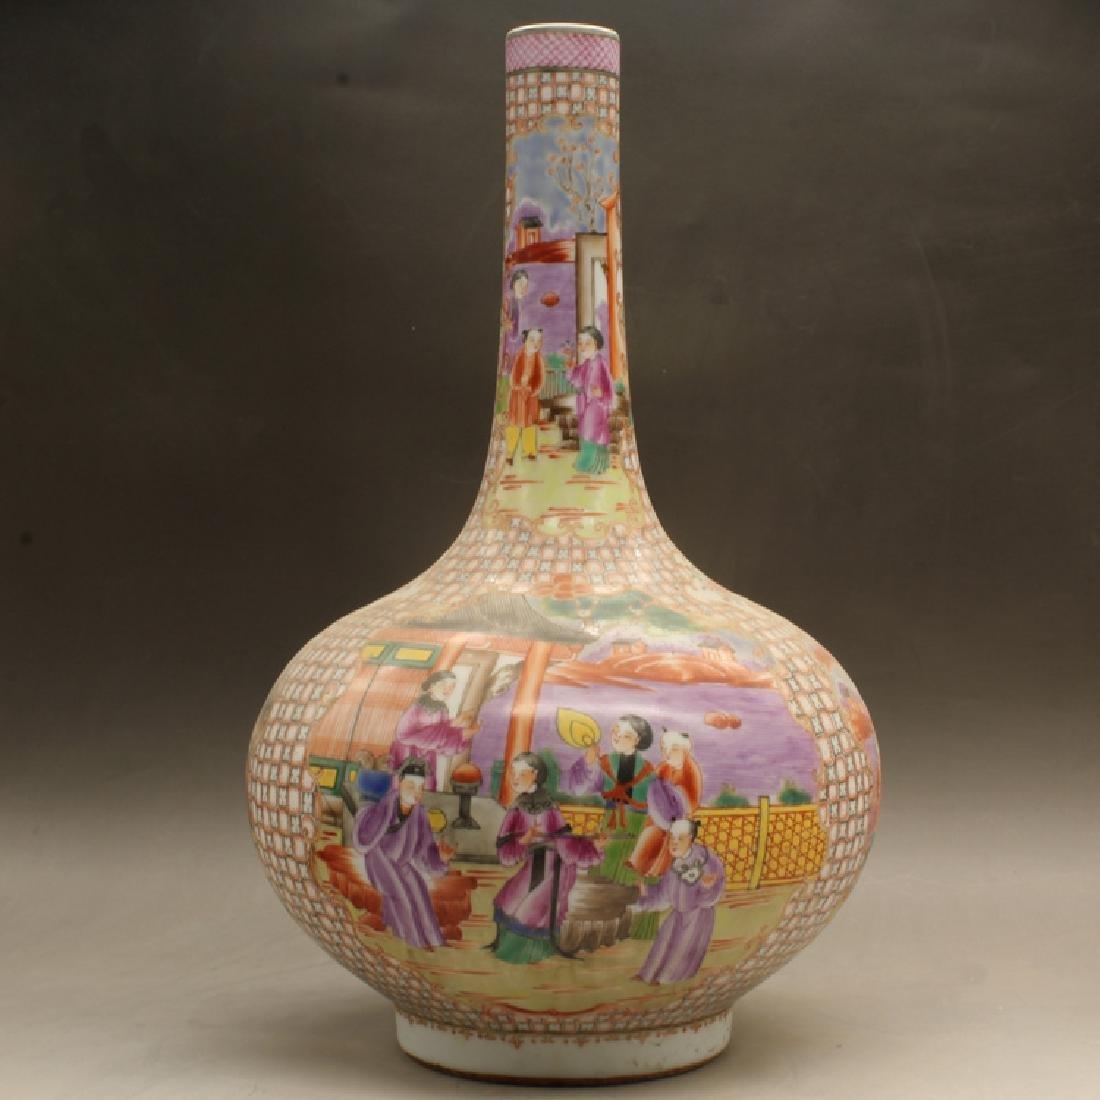 Chinese Qing Dynasty Kwon-Glazed Porcelain Bottle